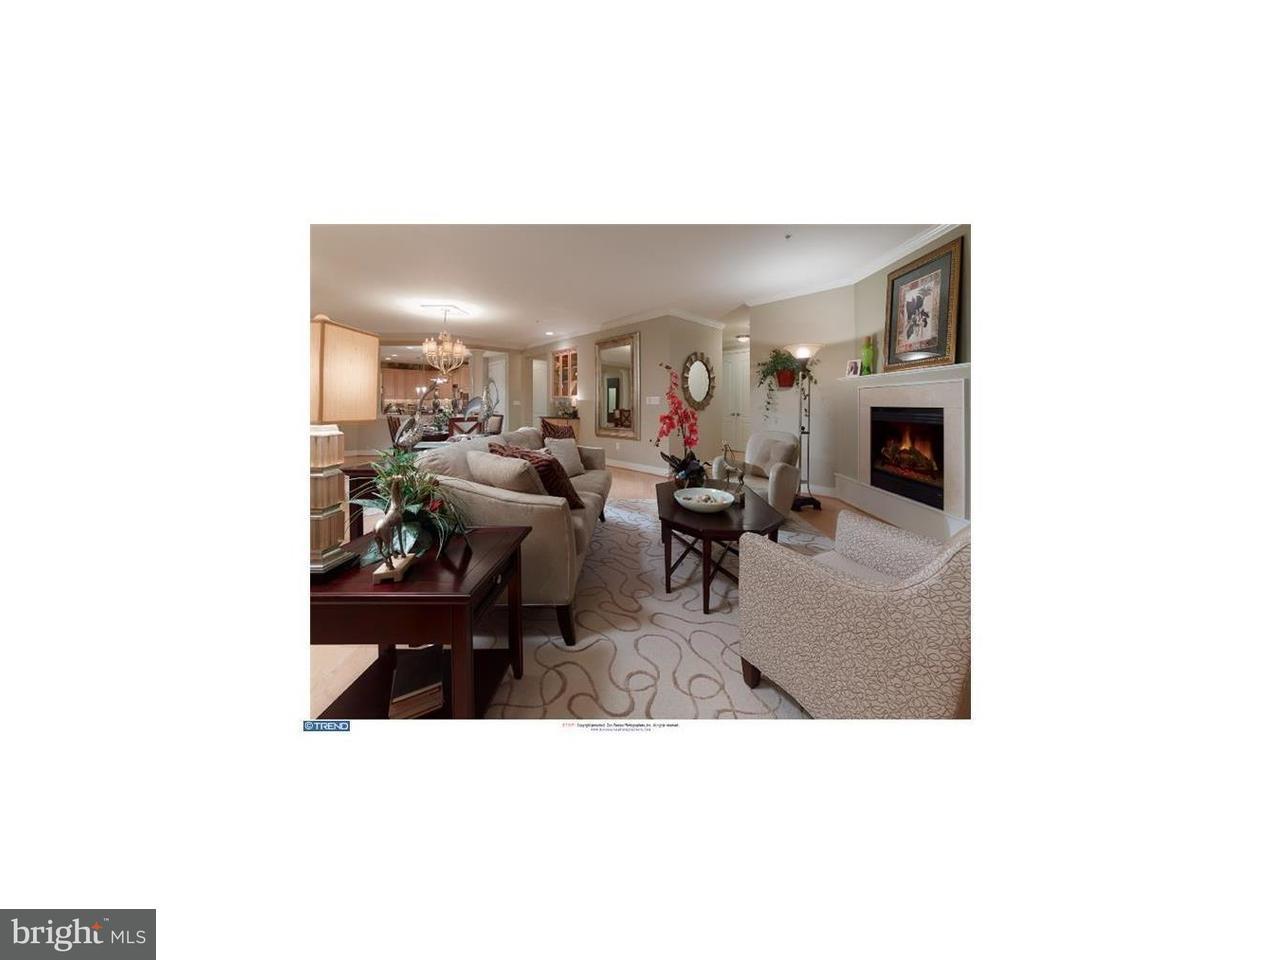 Частный односемейный дом для того Продажа на 1106 MERIDIAN BLVD Warrington, Пенсильвания 18976 Соединенные Штаты